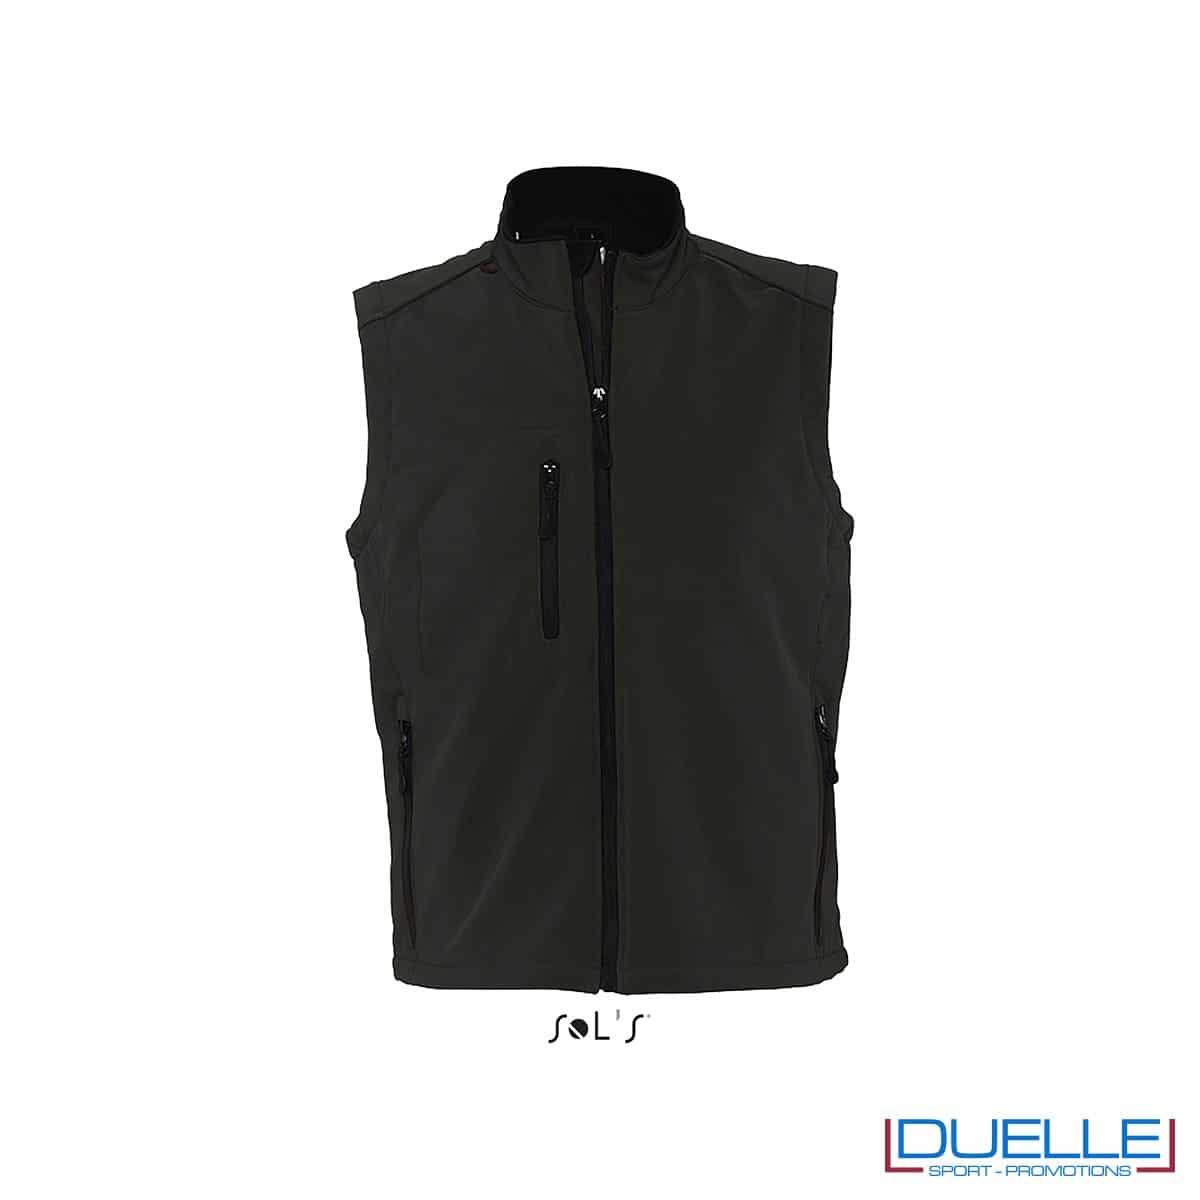 Gilet softshell colore nero personalizzato